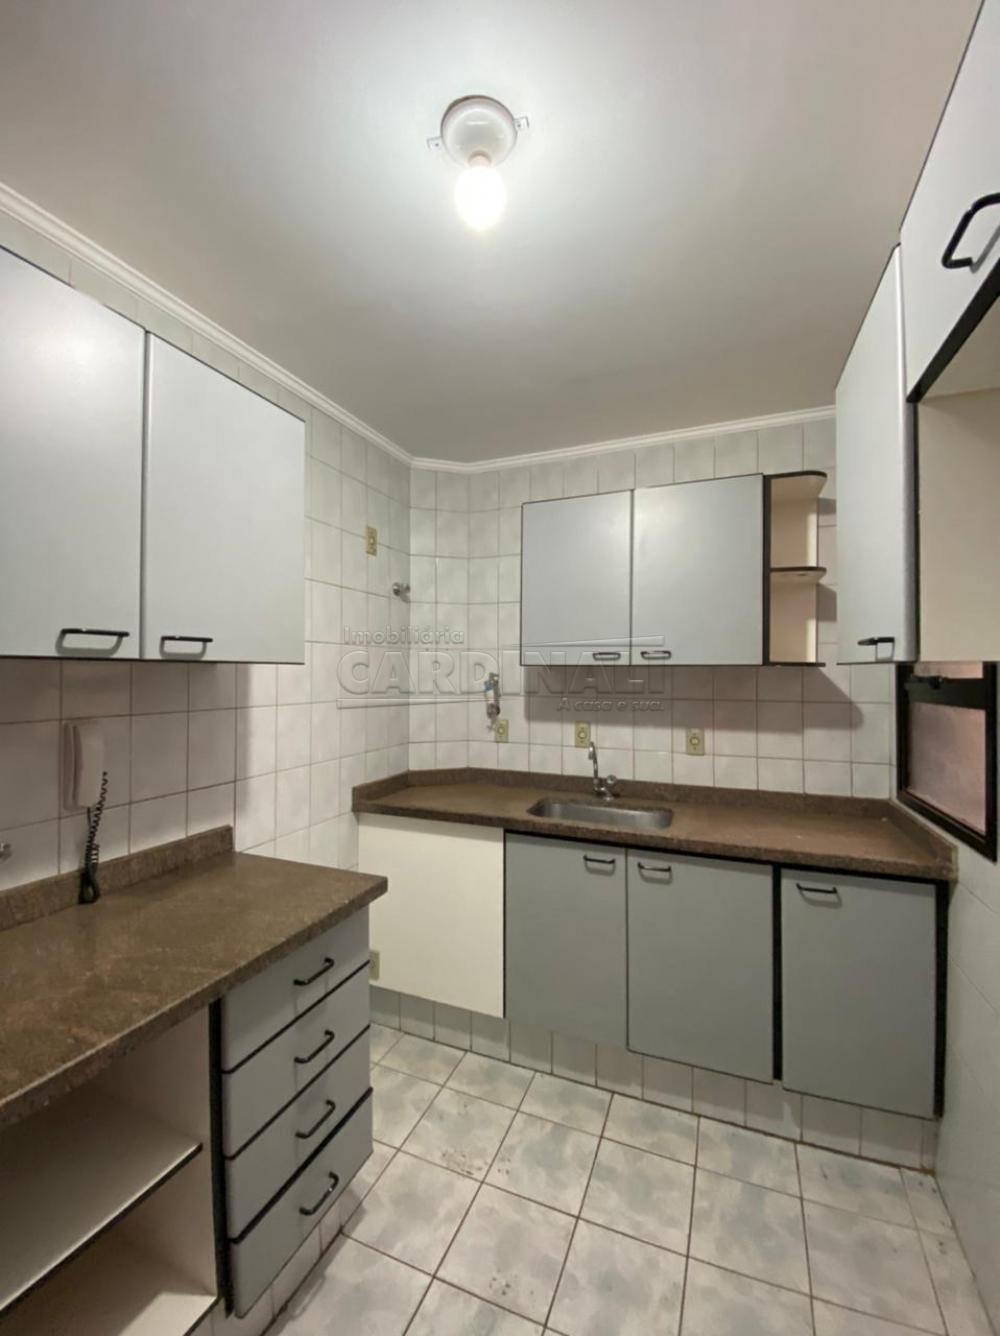 Alugar Apartamento / Padrão em São Carlos R$ 1.112,00 - Foto 5